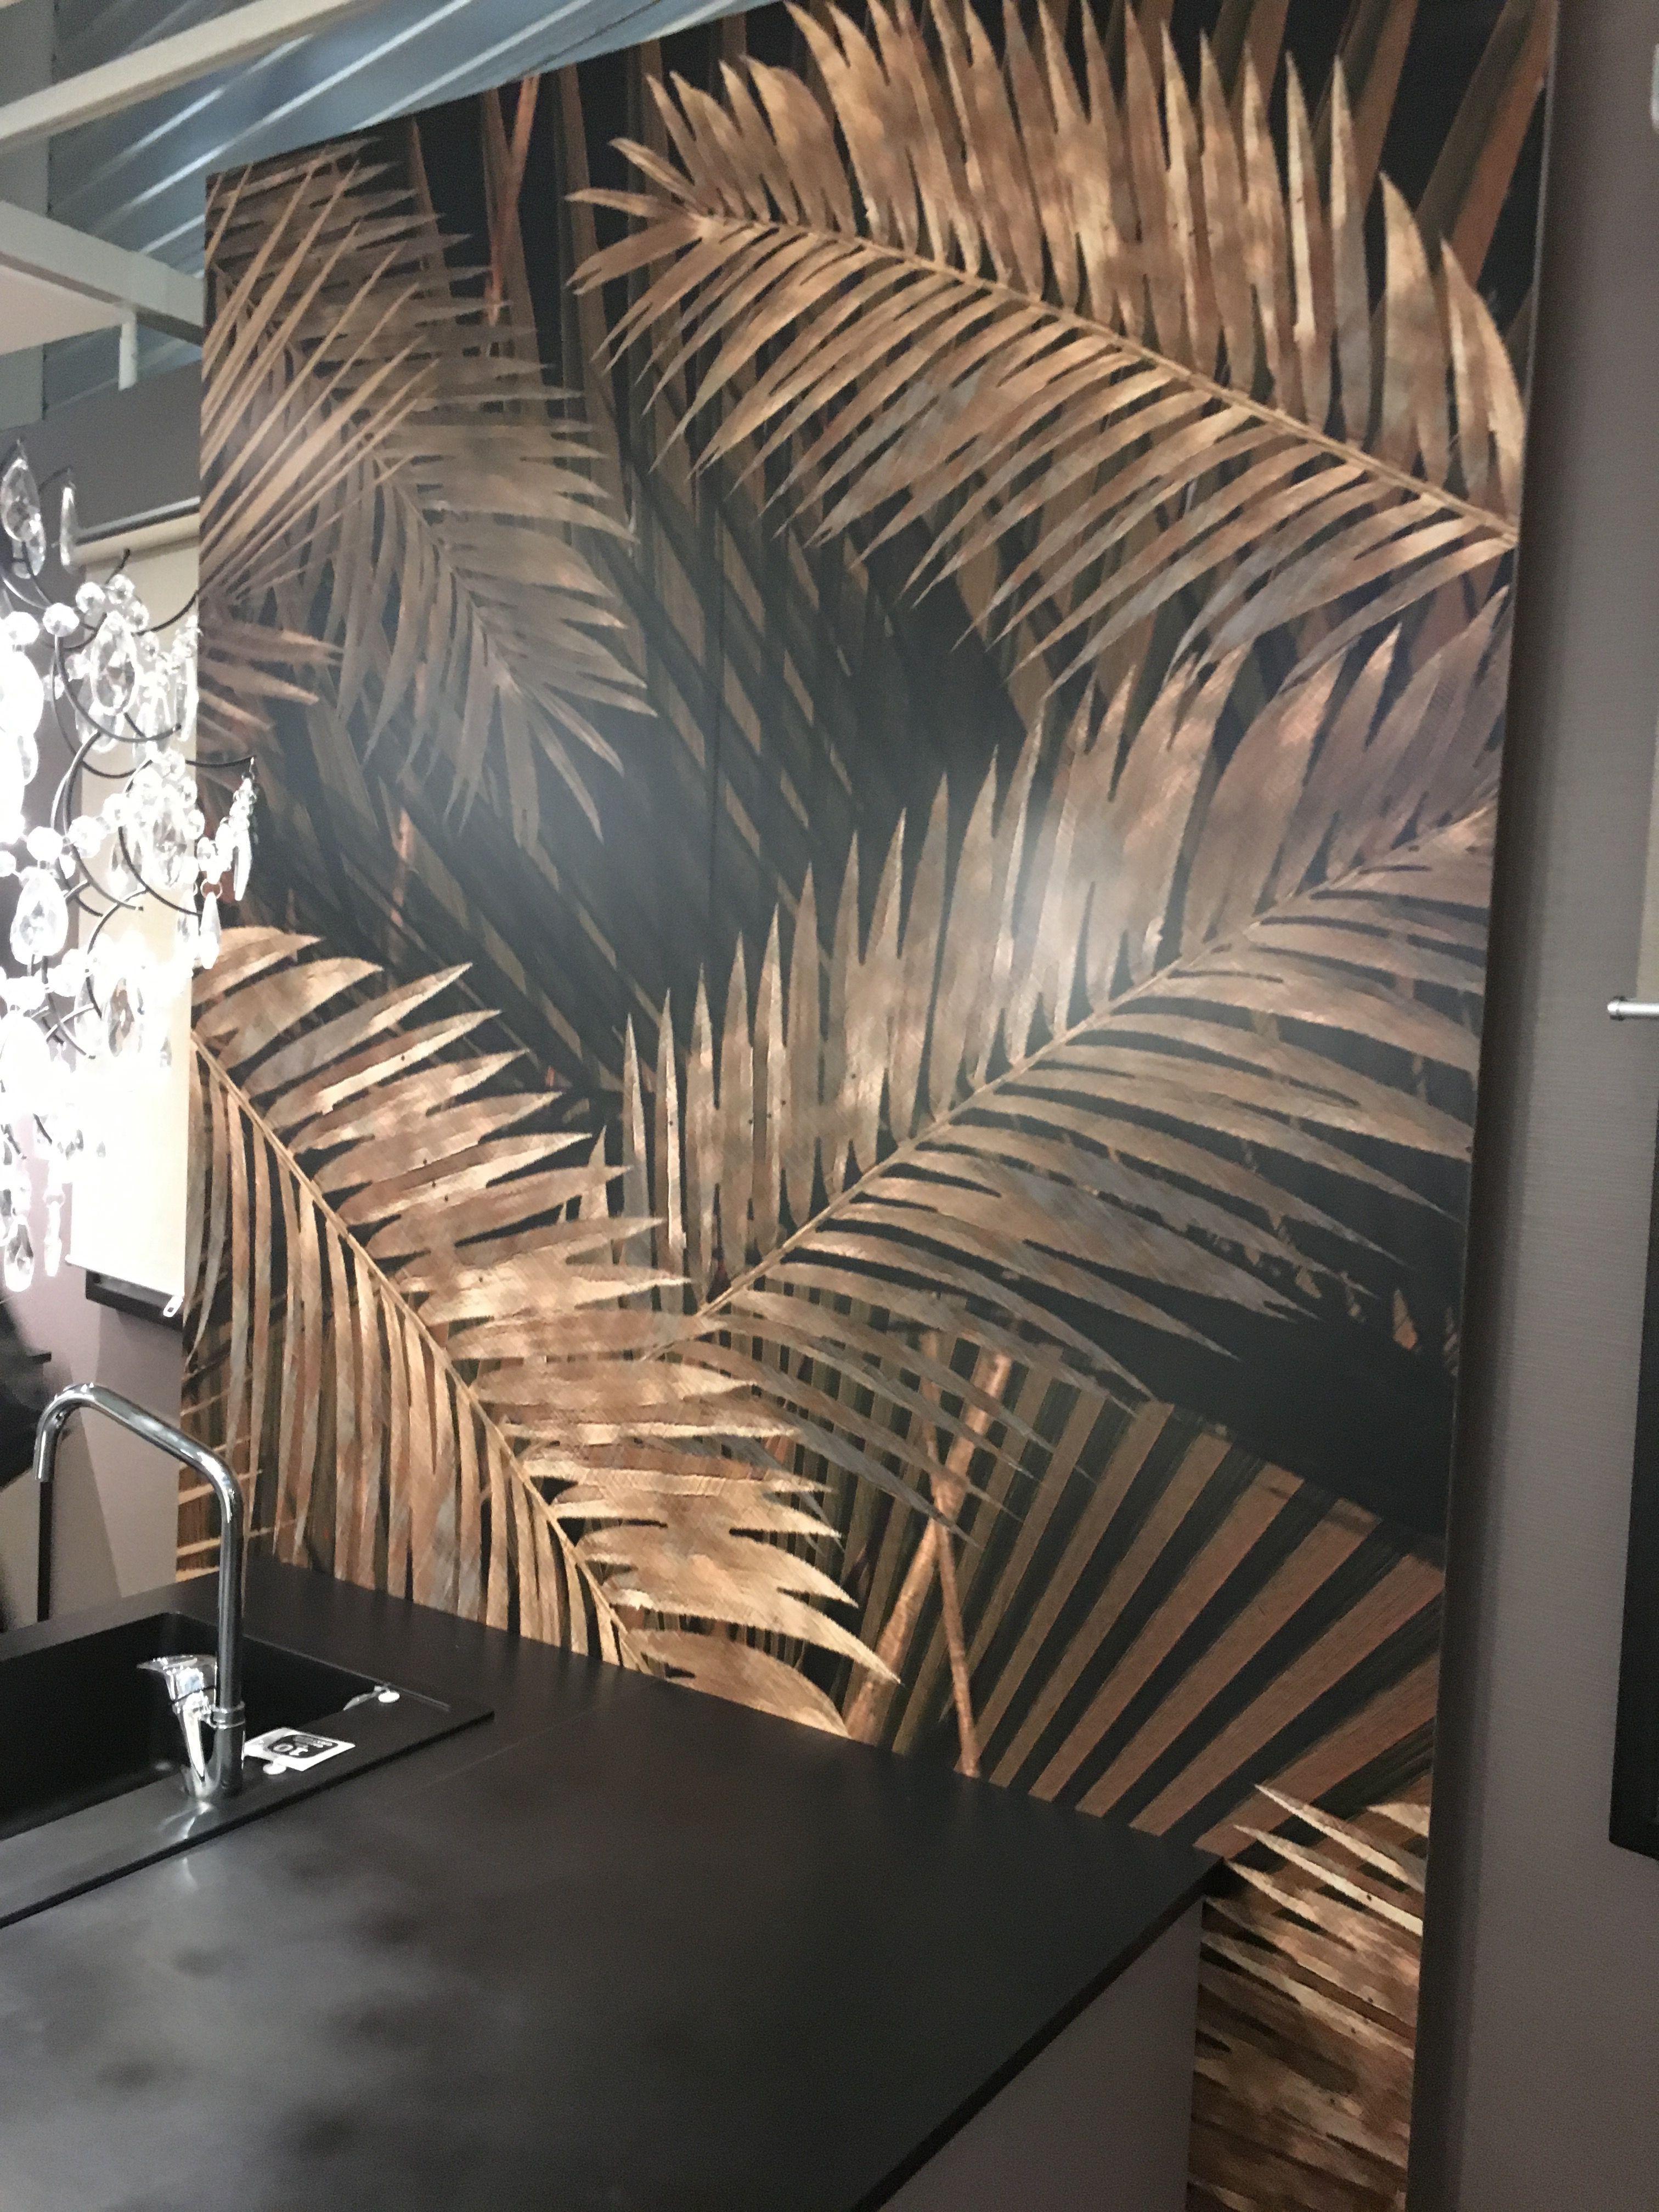 papier peint ikea ikea papier peint monochrome pegatinas de pared vintage carte du monde. Black Bedroom Furniture Sets. Home Design Ideas